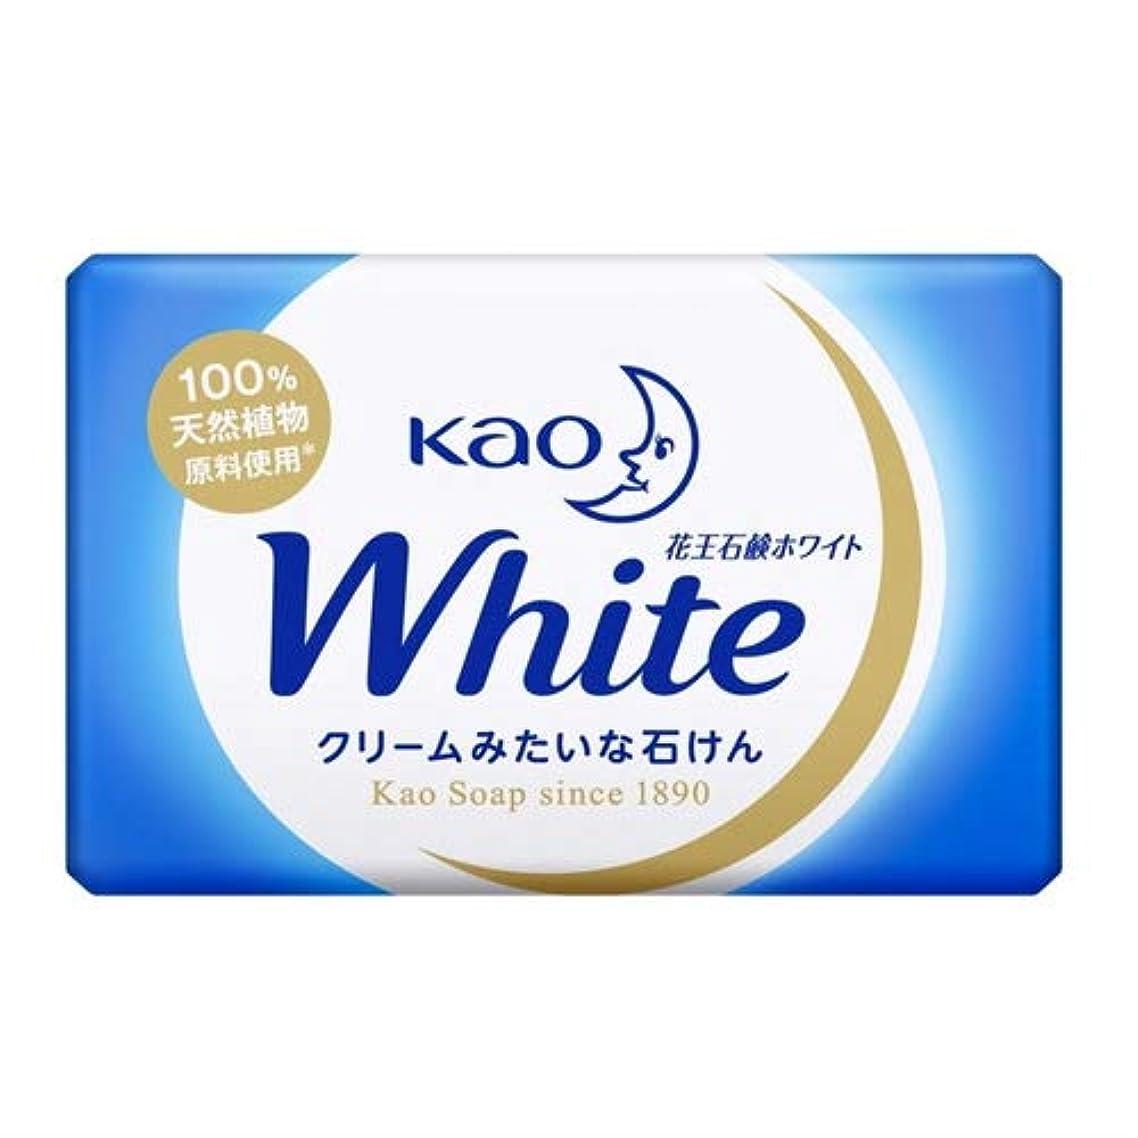 ガード謙虚な風景花王石鹸ホワイト 業務用ミニサイズ 15g × 5個セット